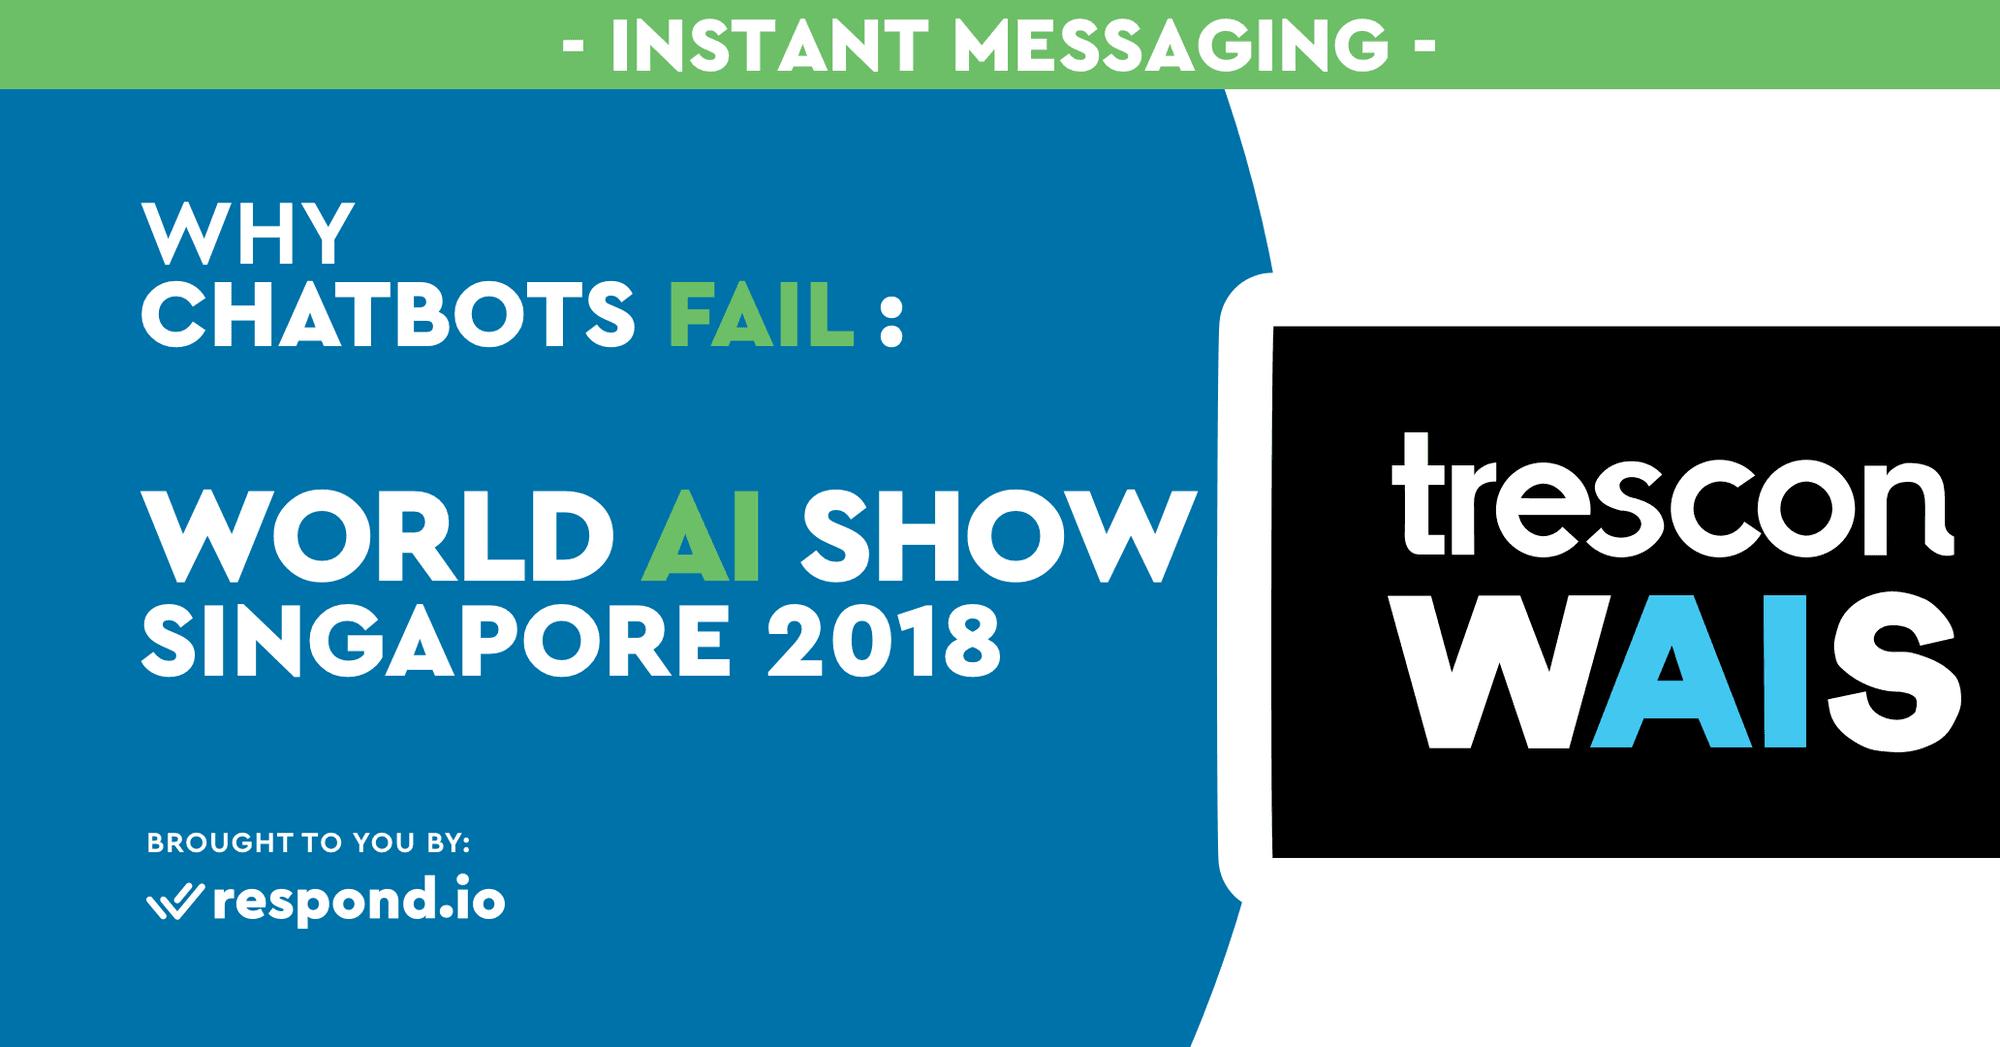 Why Chatbots Fail – World AI Show Singapore 2018